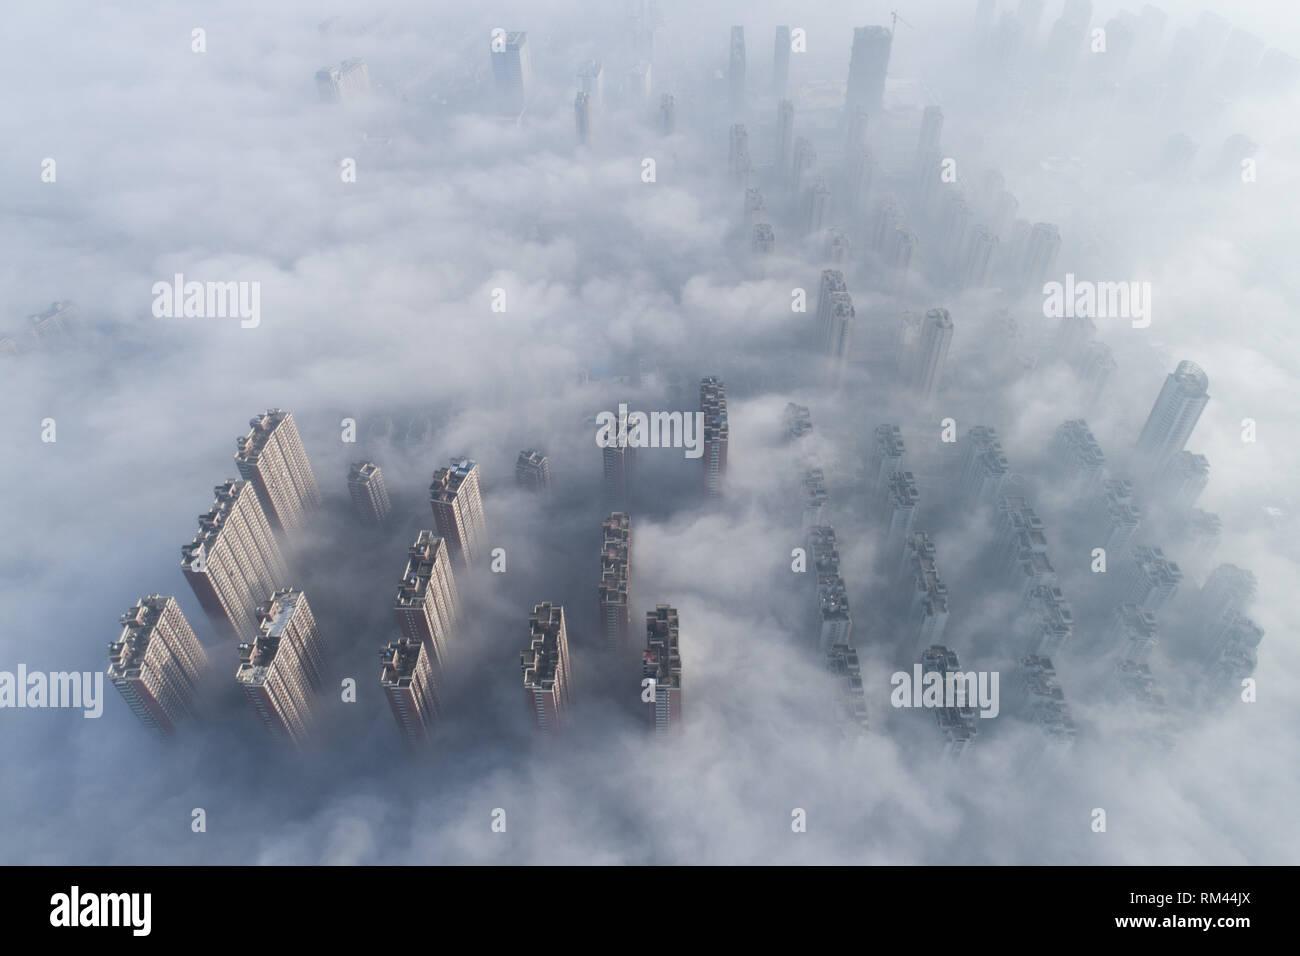 Nanton, Nanton, Chine. Feb 13, 2019. Nantong, CHINE-smog lourde enveloppe Nantong. Crédit: SIPA Asie/ZUMA/Alamy Fil Live News Photo Stock